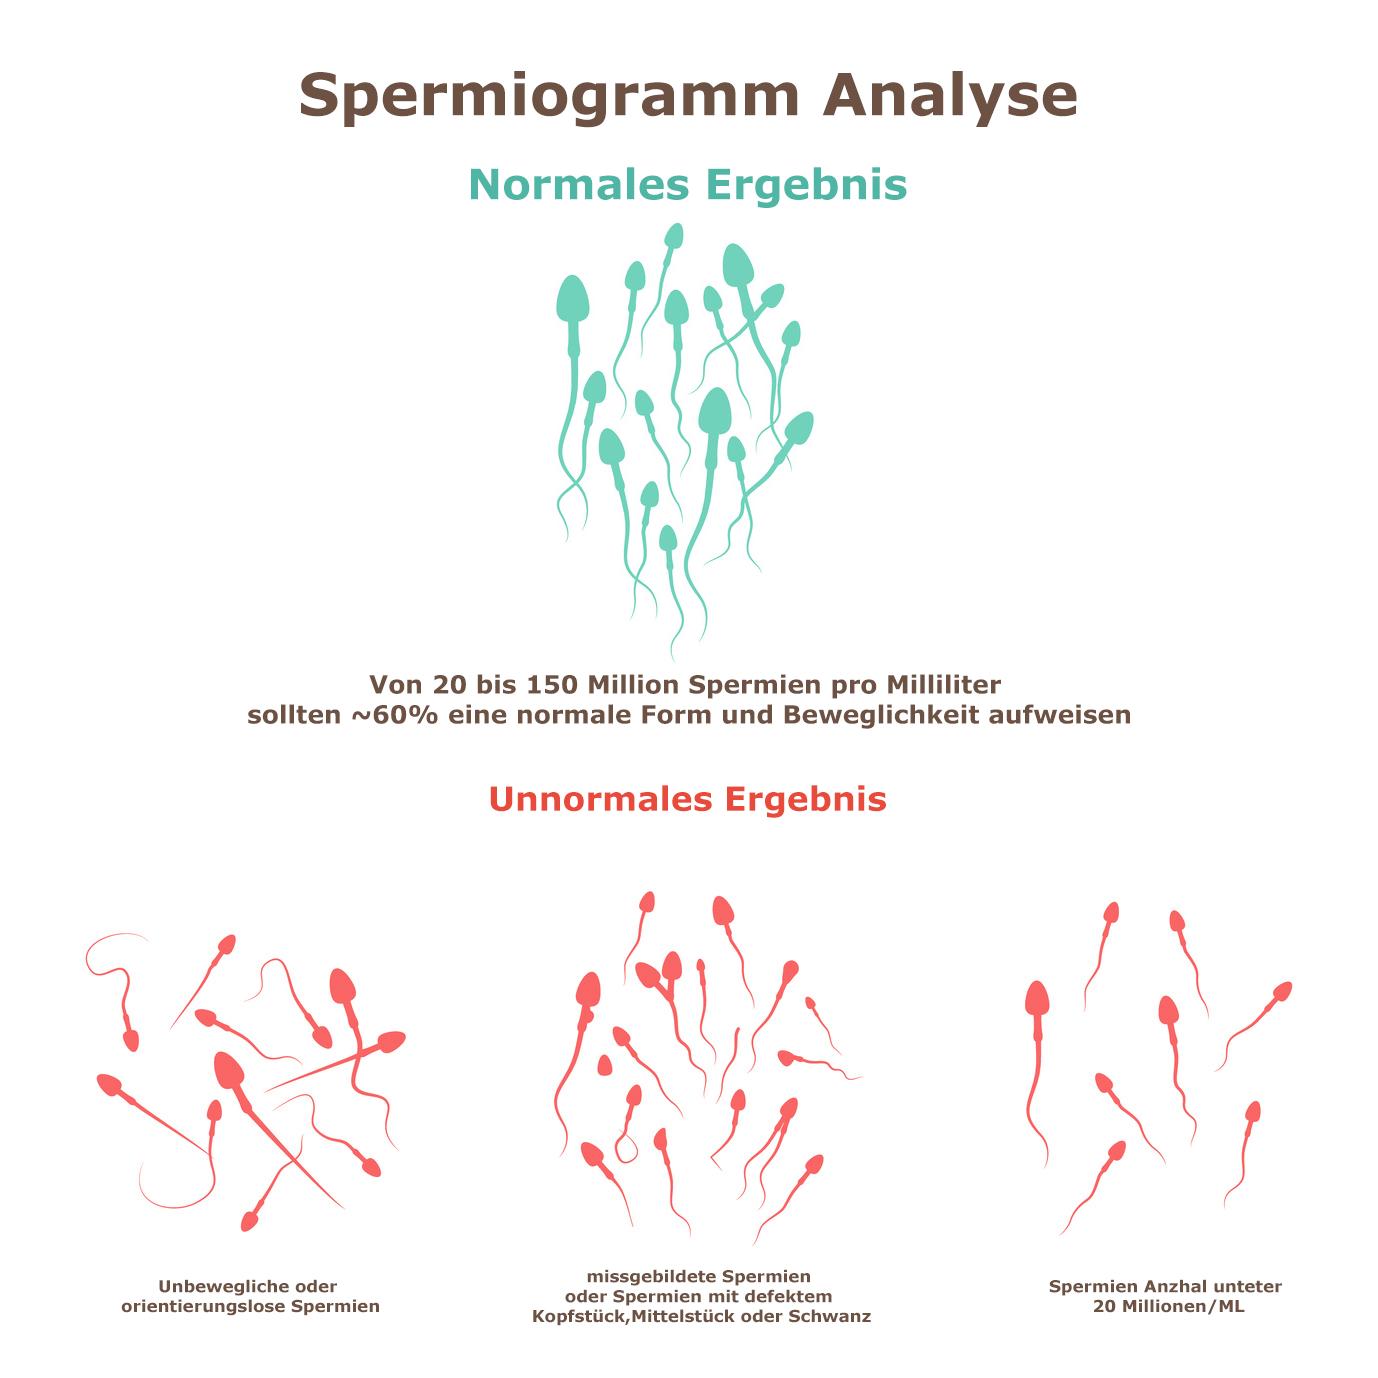 spermiogramm verbessern